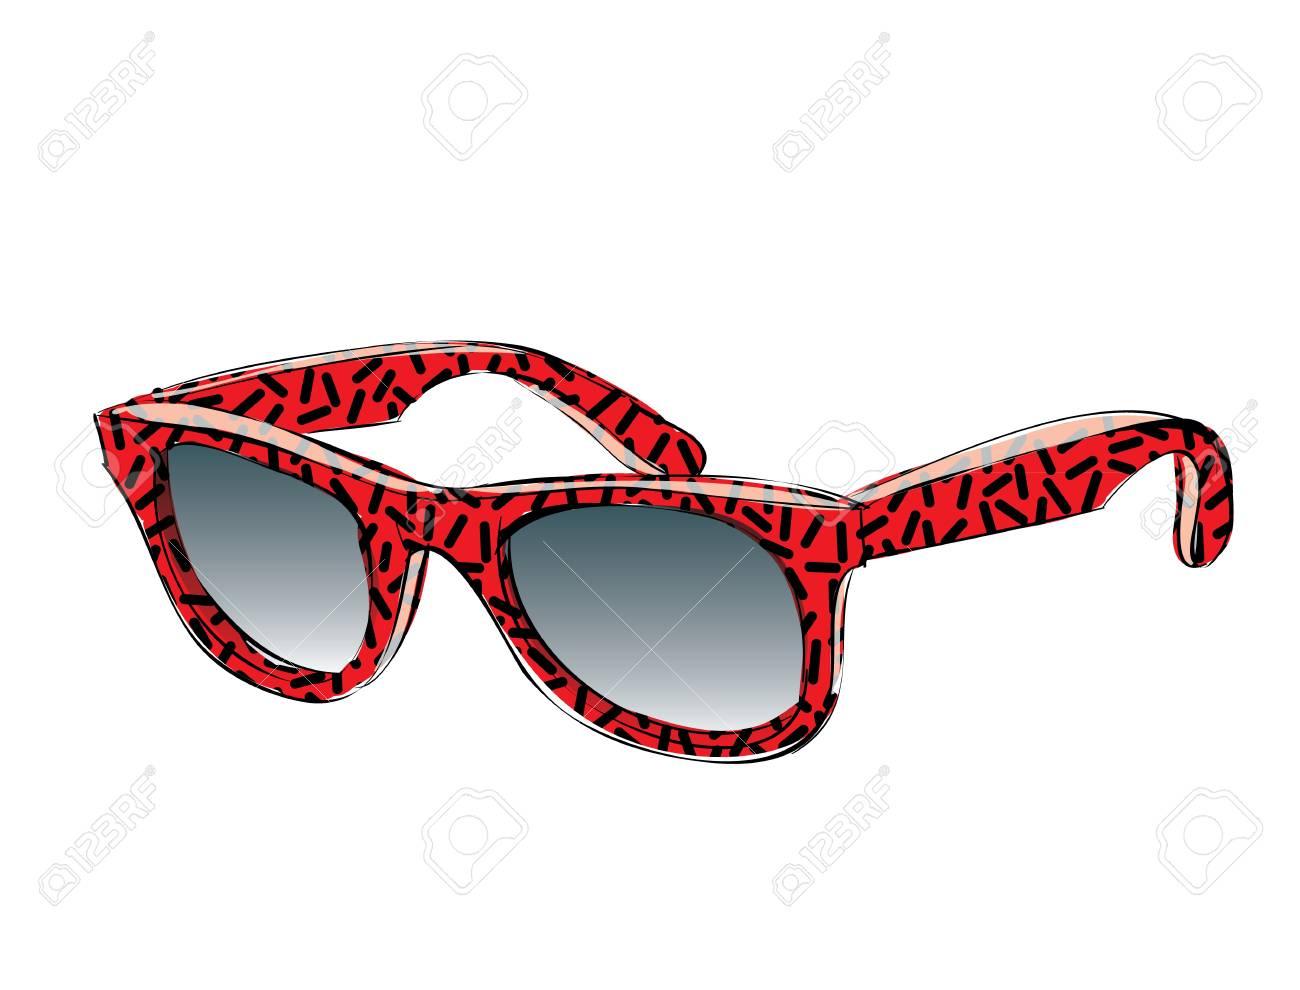 488b833d96 Foto de archivo - Red Gafas de sol retro con patrón Doodle aislado sobre  fondo blanco